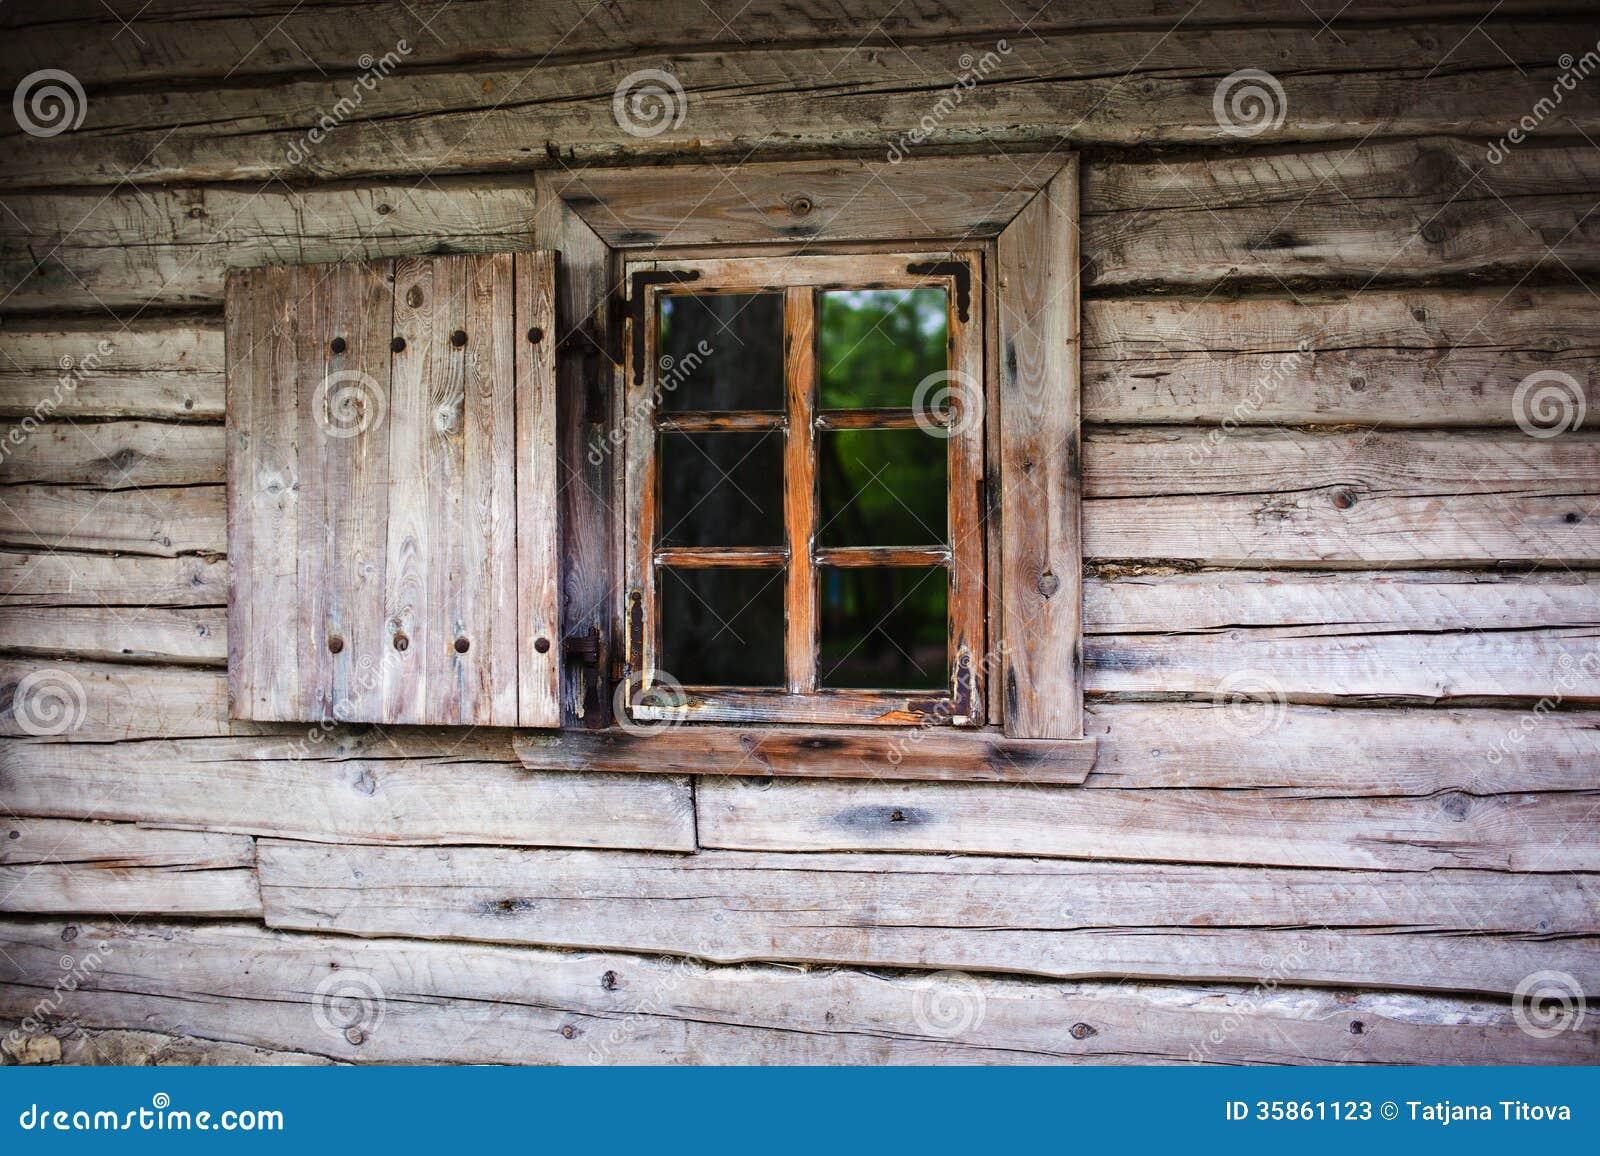 Mały okno w ścianie stary drewniany dom